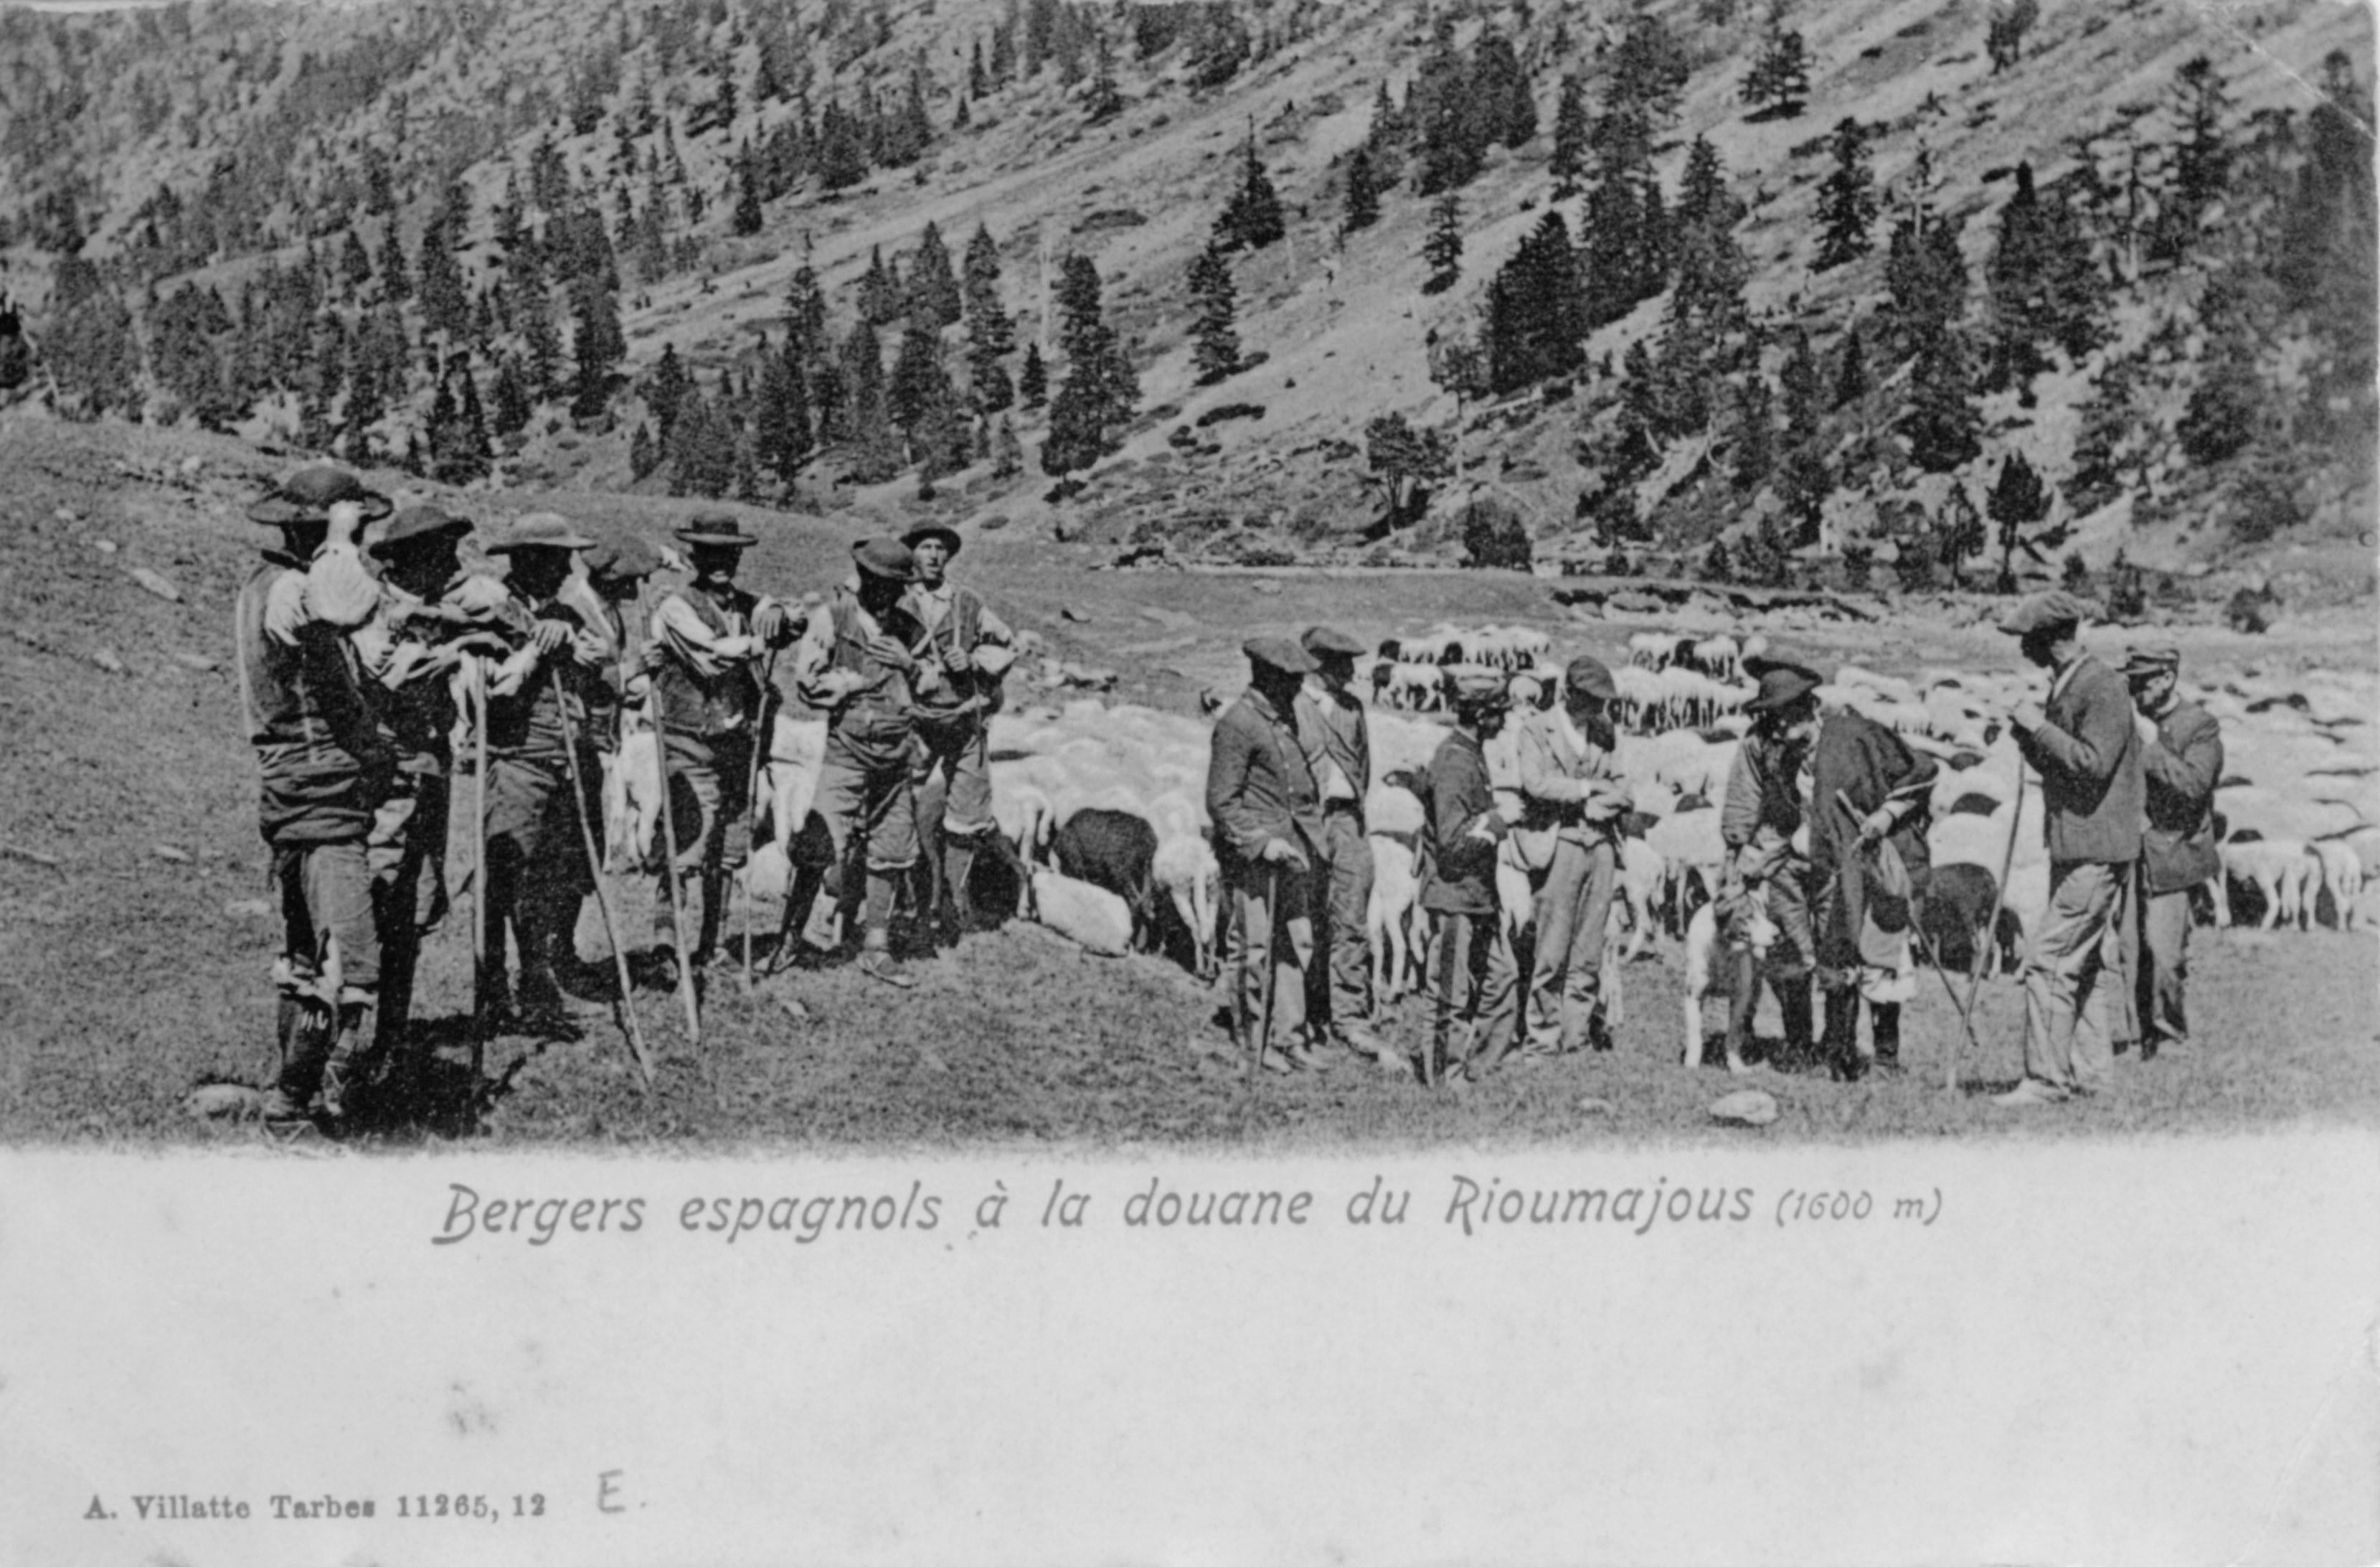 Les bergers et la douane